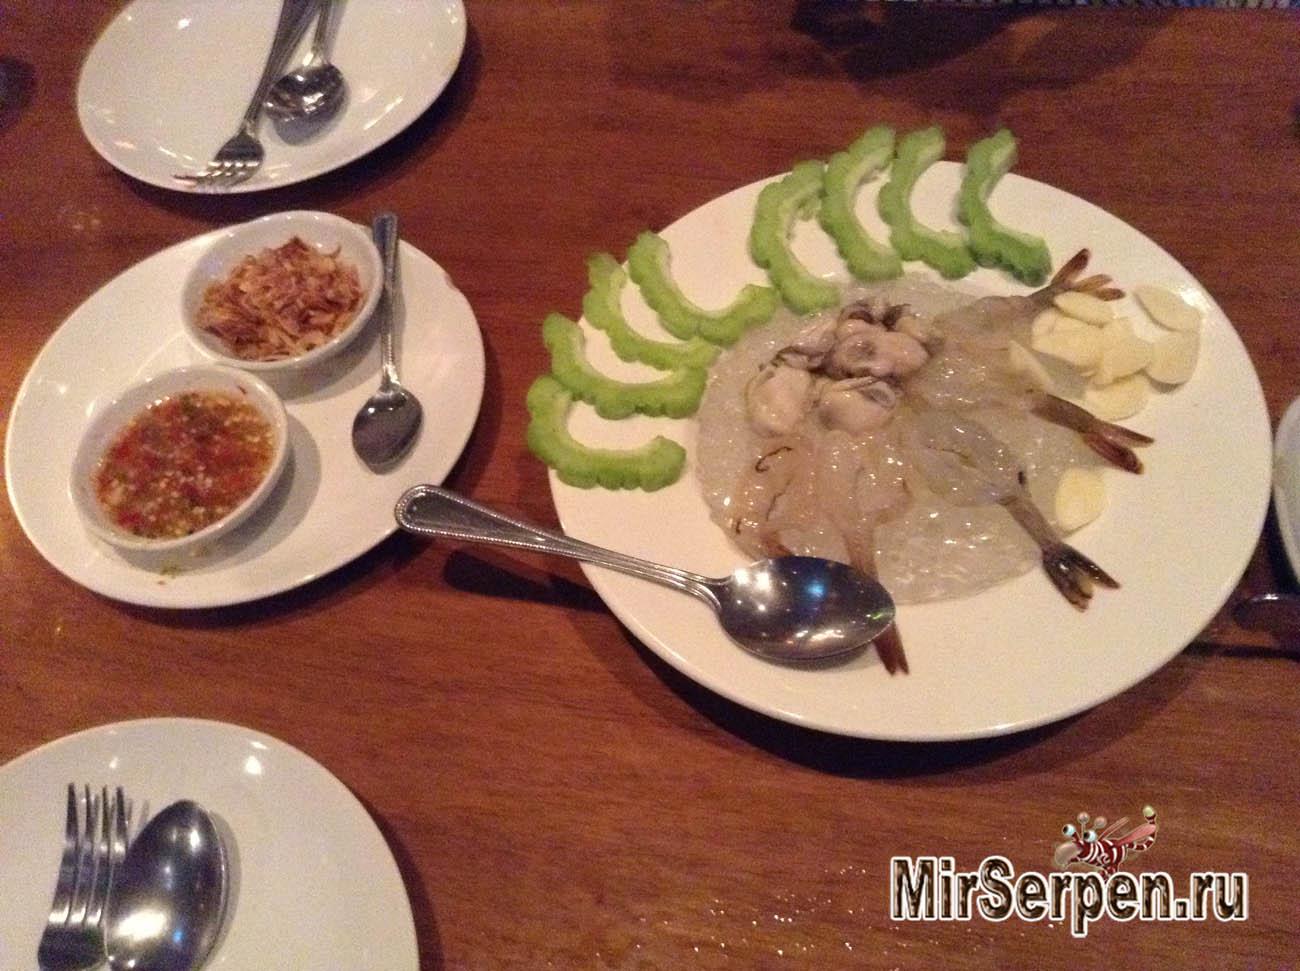 Тайцы и вегетарианство